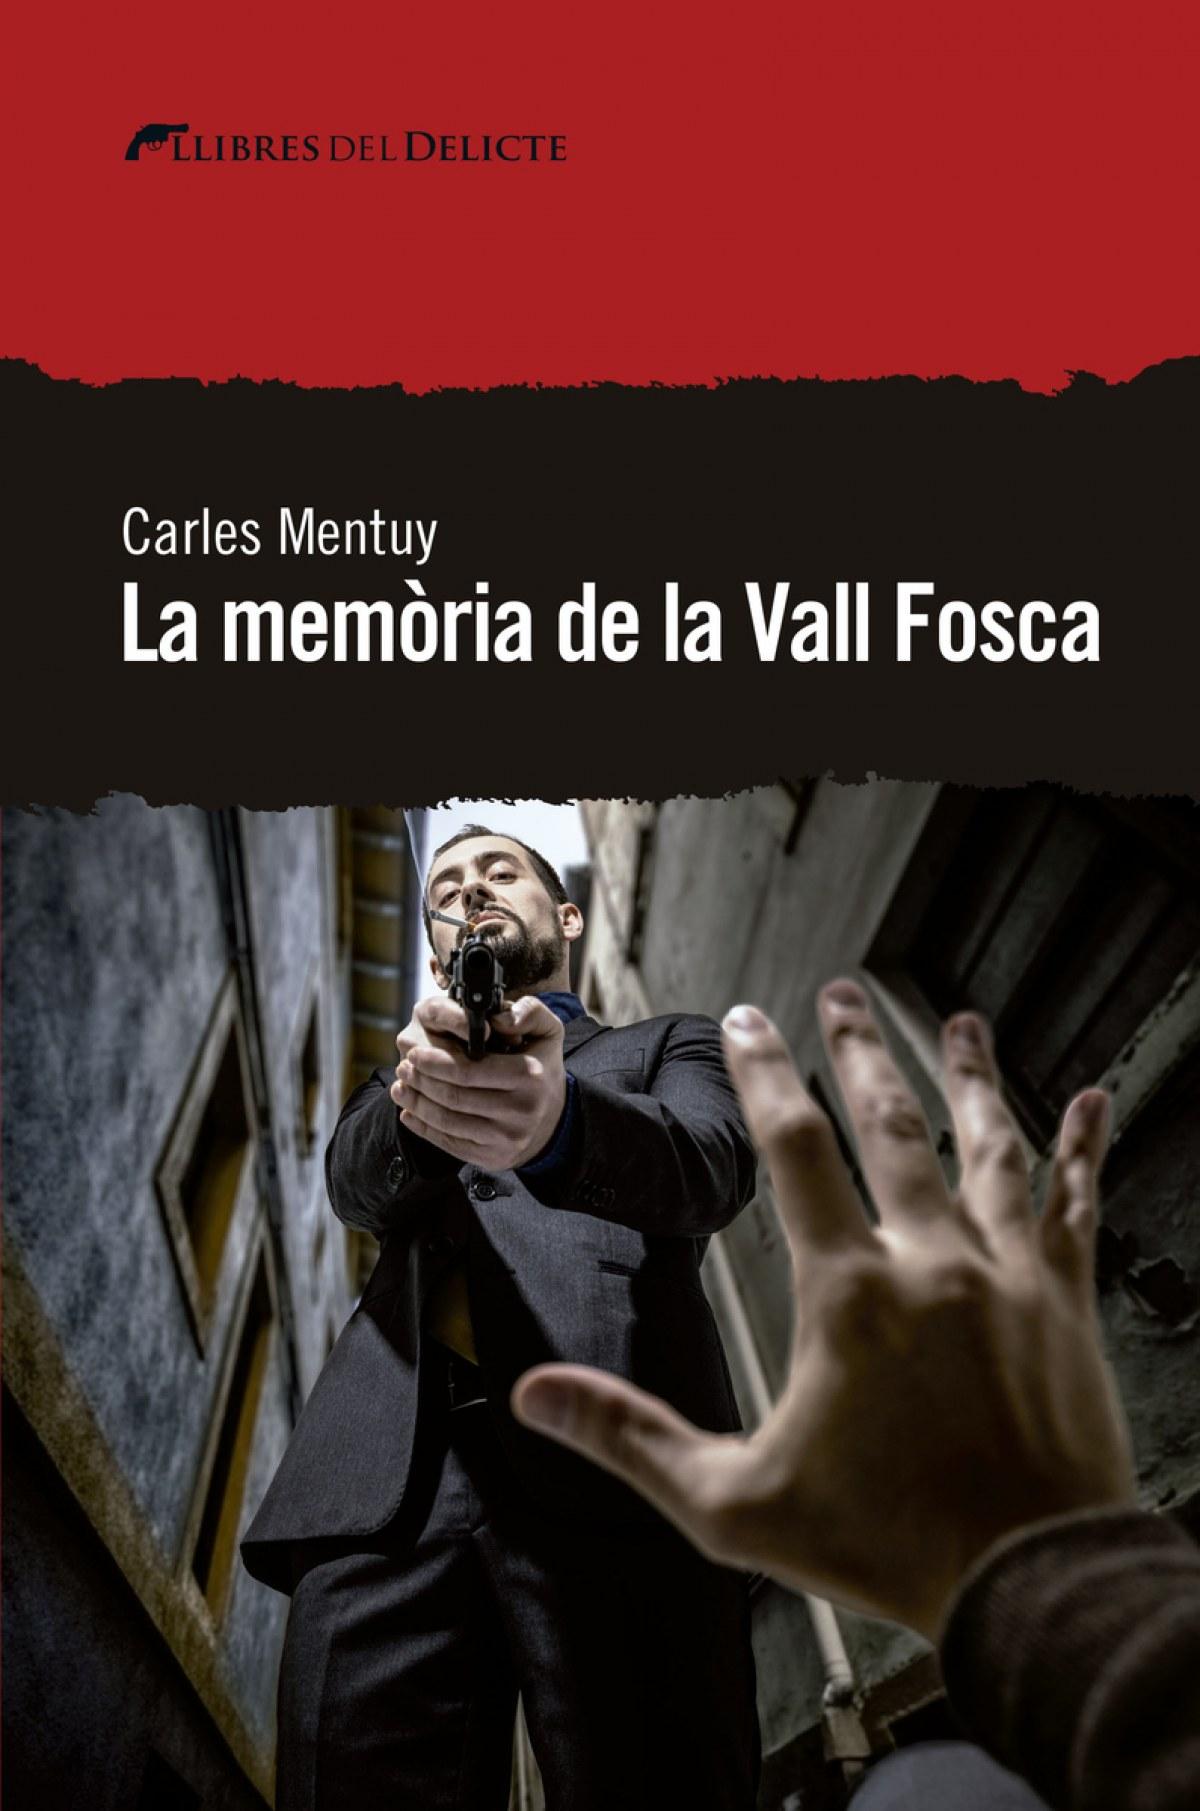 Resultat d'imatges de La memòria de la Vall Fosca de Carles Mentuy